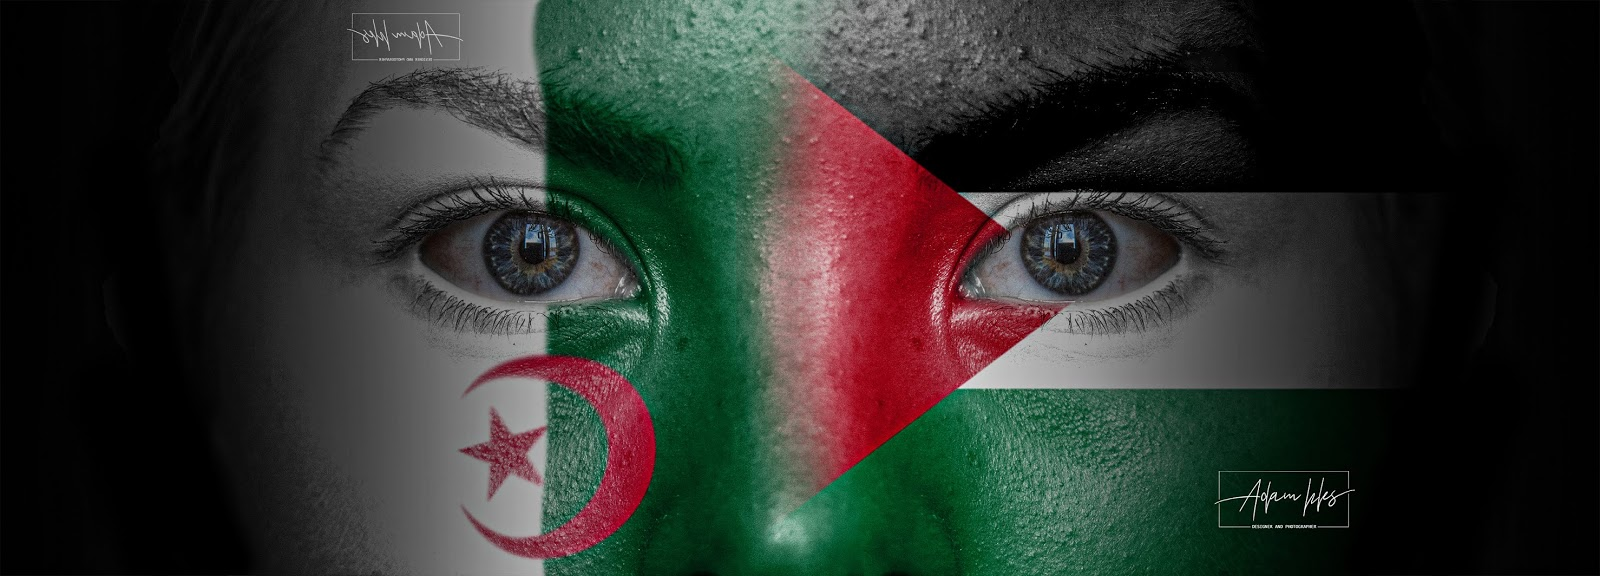 علم الجزائر وعلم فلسطين